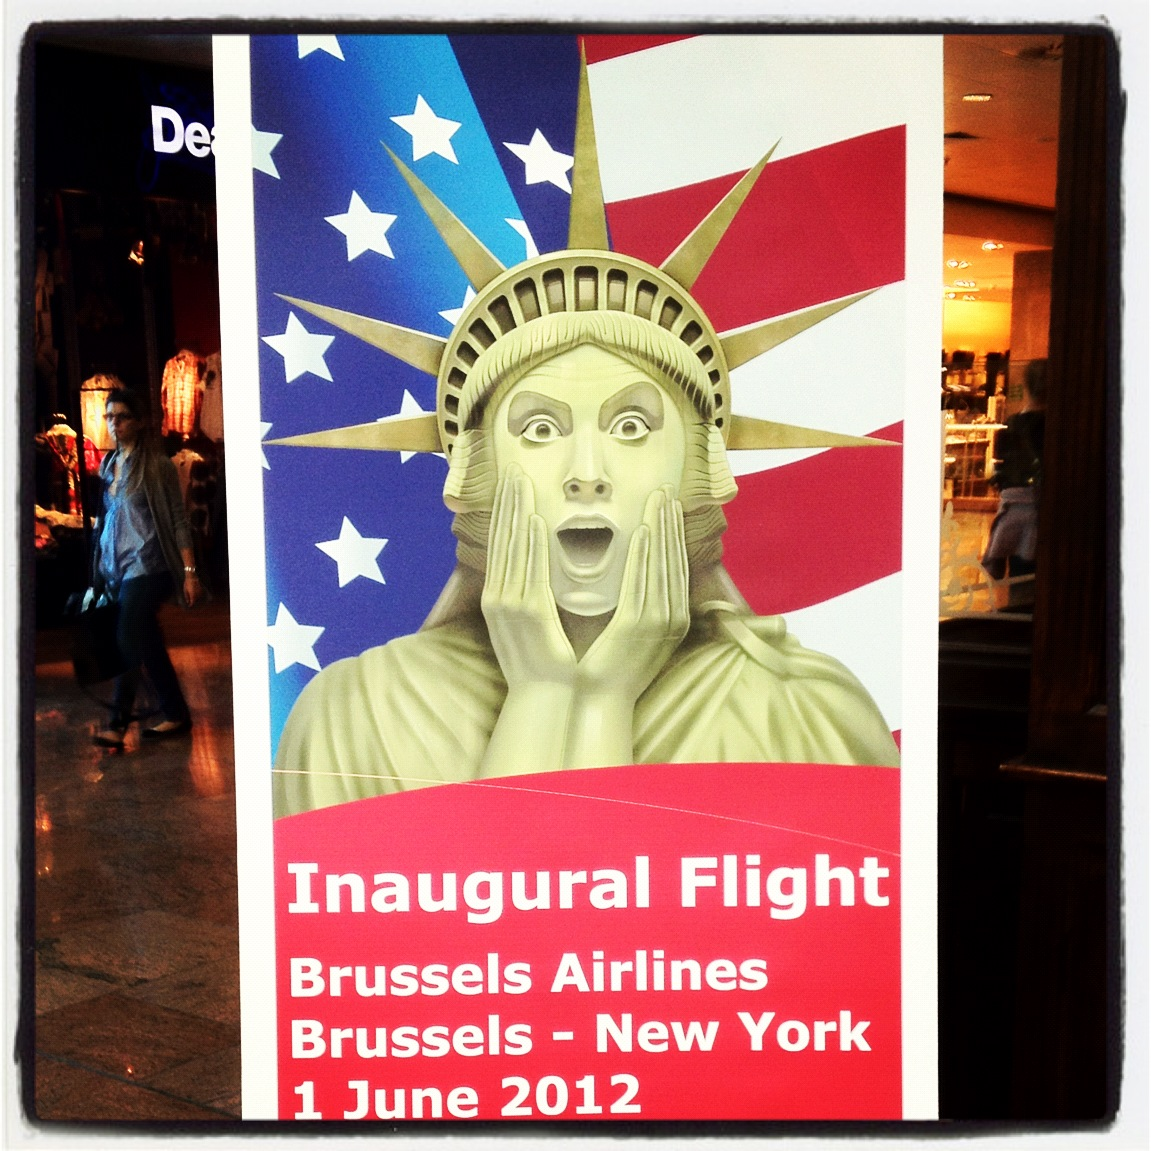 New York to Glasgow Flights - Cheap Flights, Airline Tickets